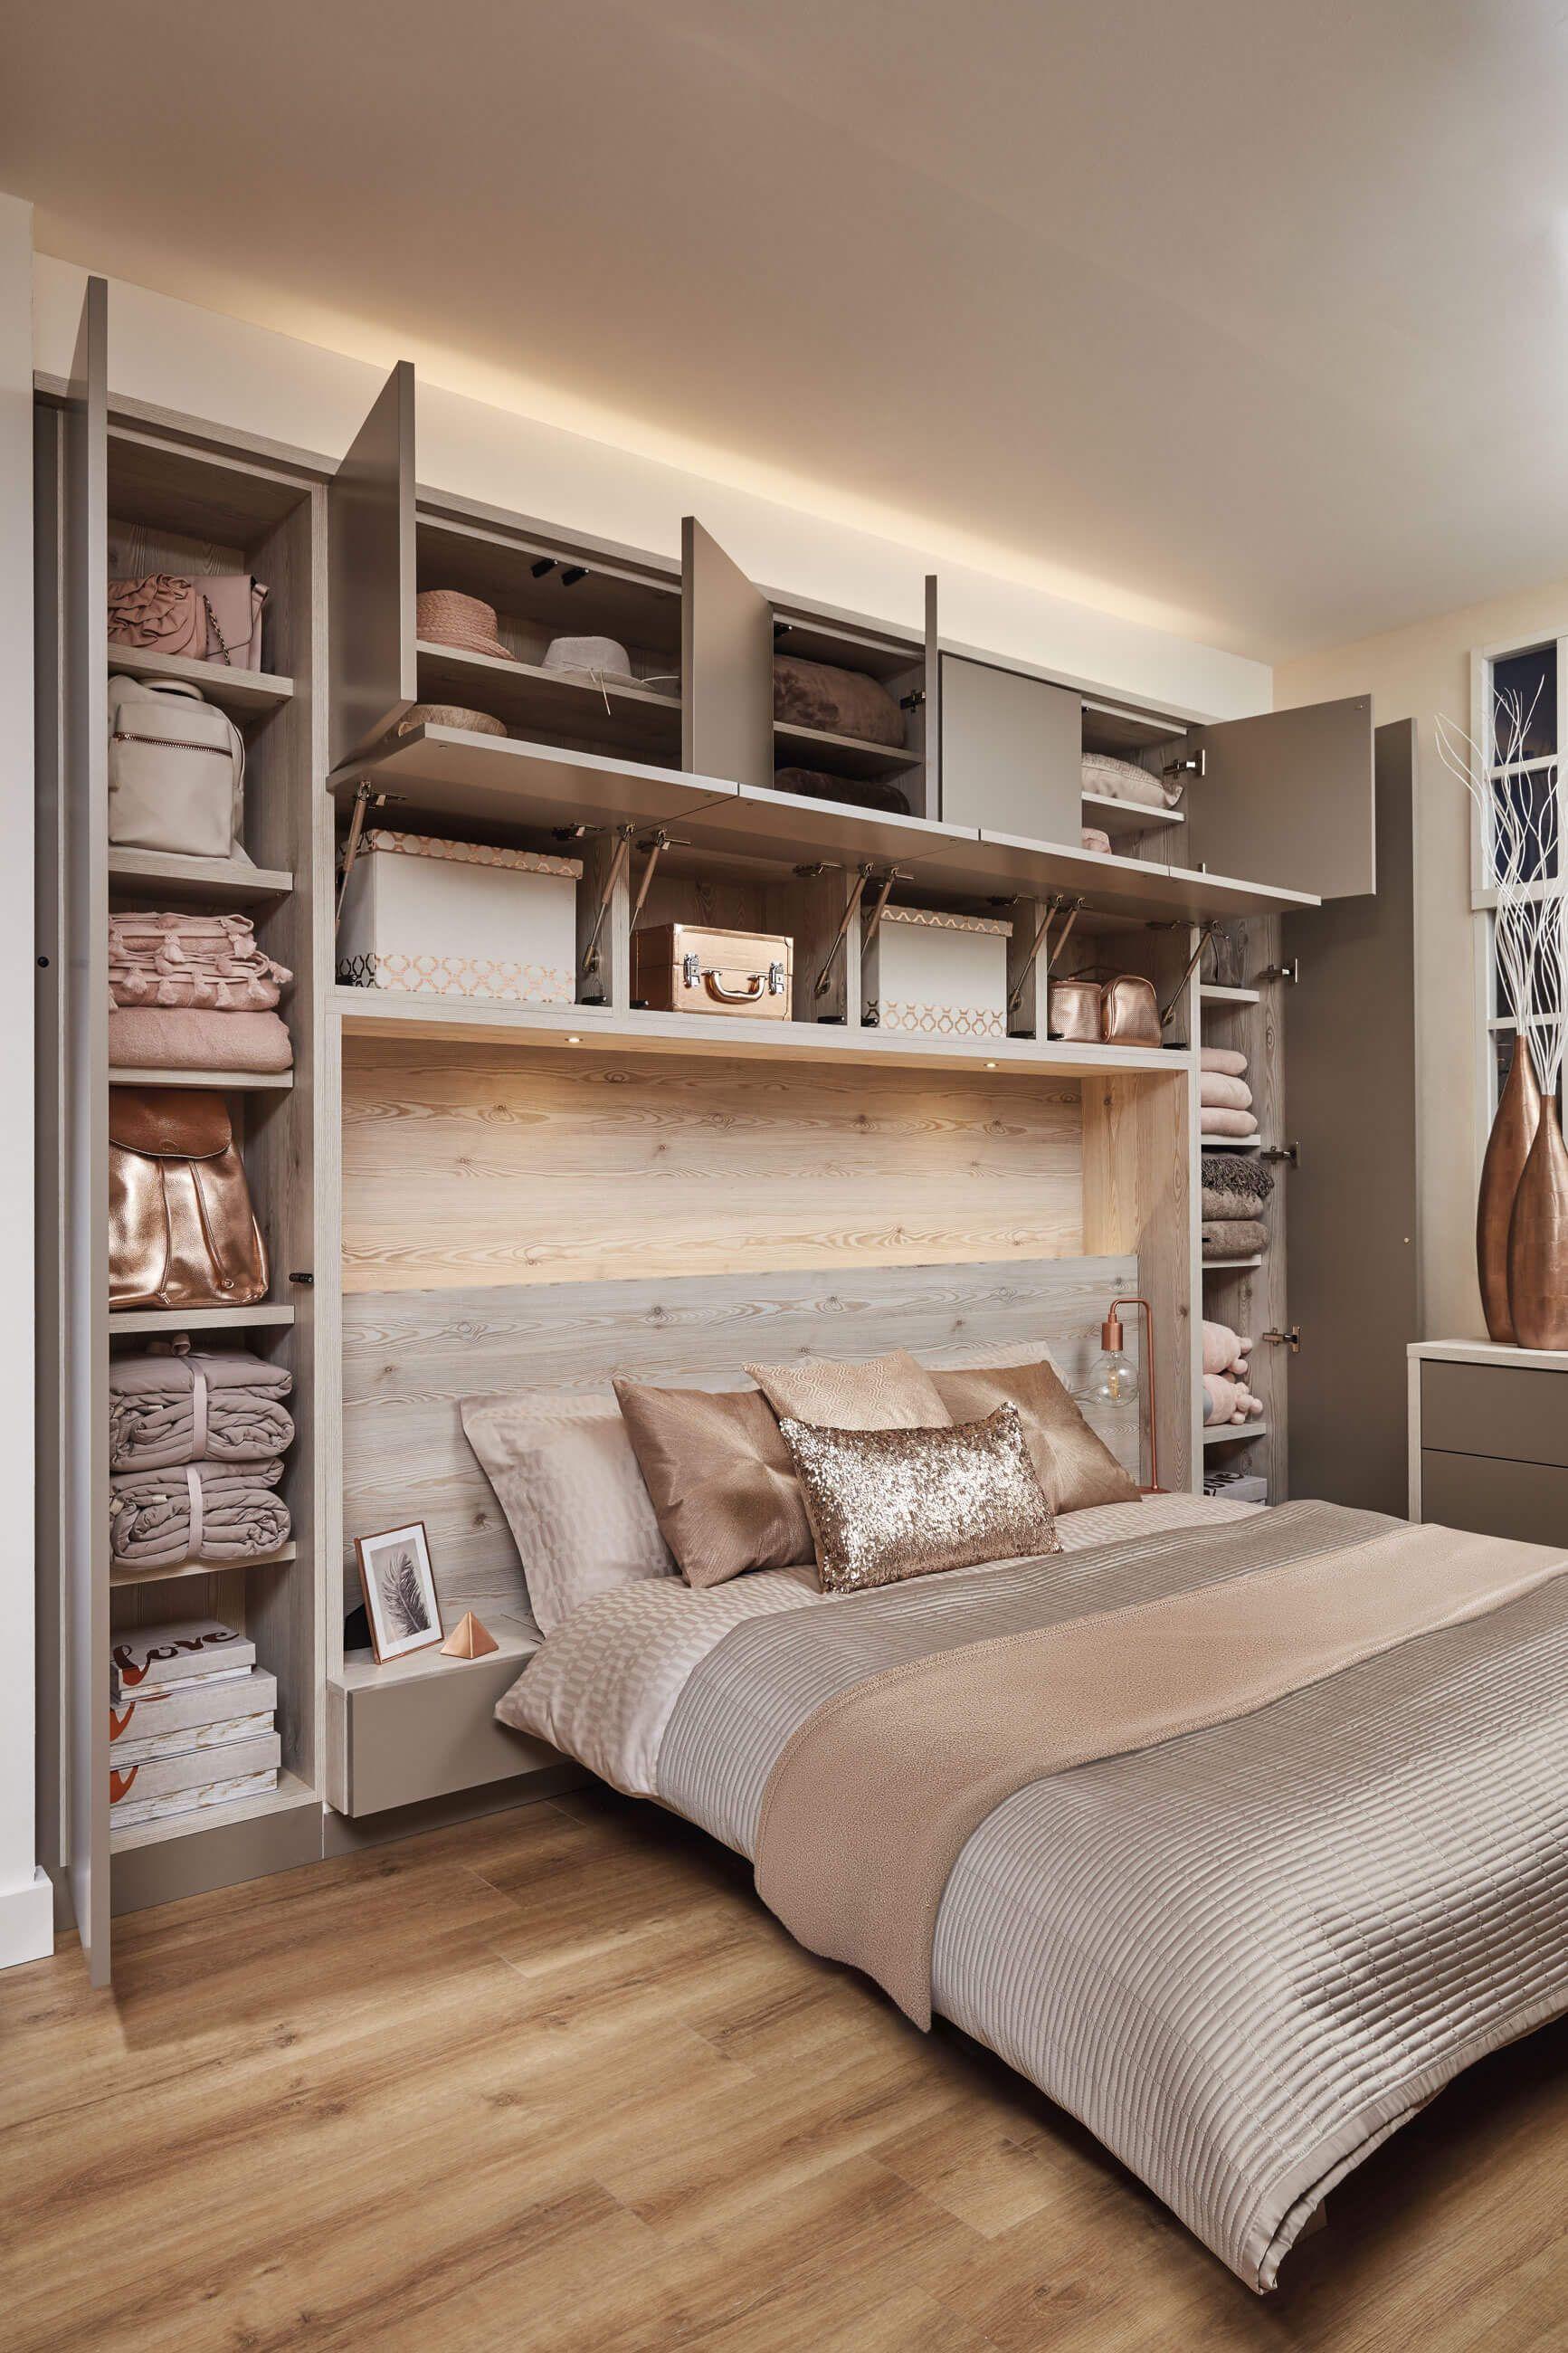 Resultado de imagen para wardrobe over bed